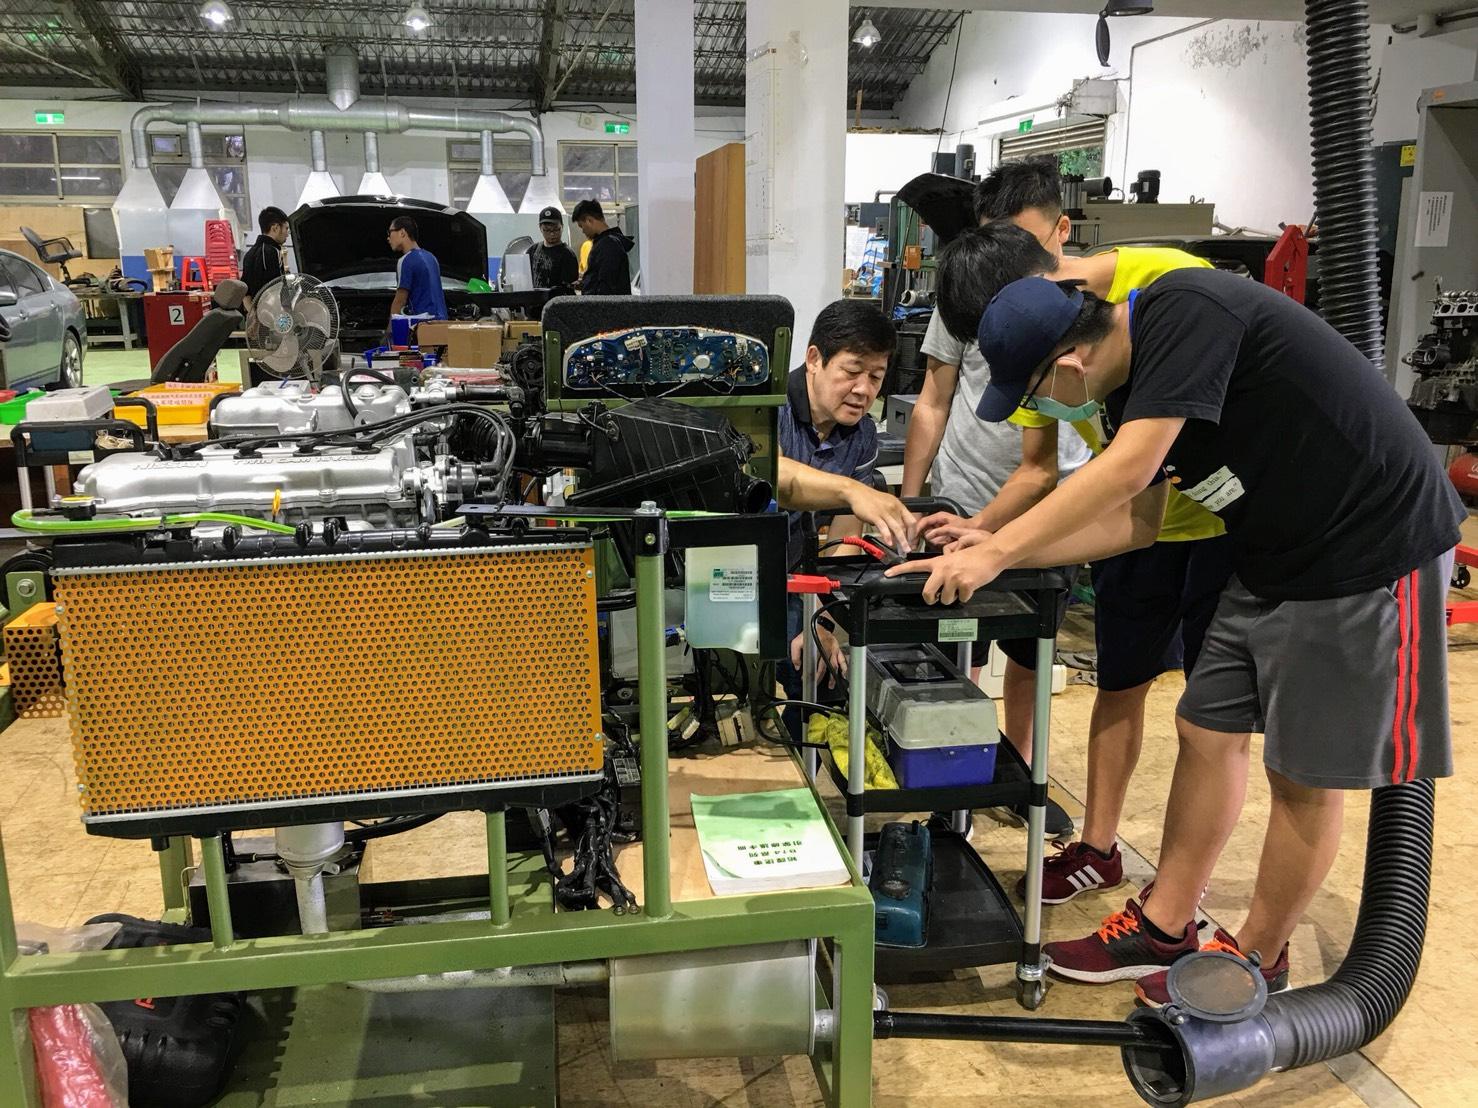 聖約翰科大打造全台唯一專精車輛產業校園 培育汽車修護人才-自動化